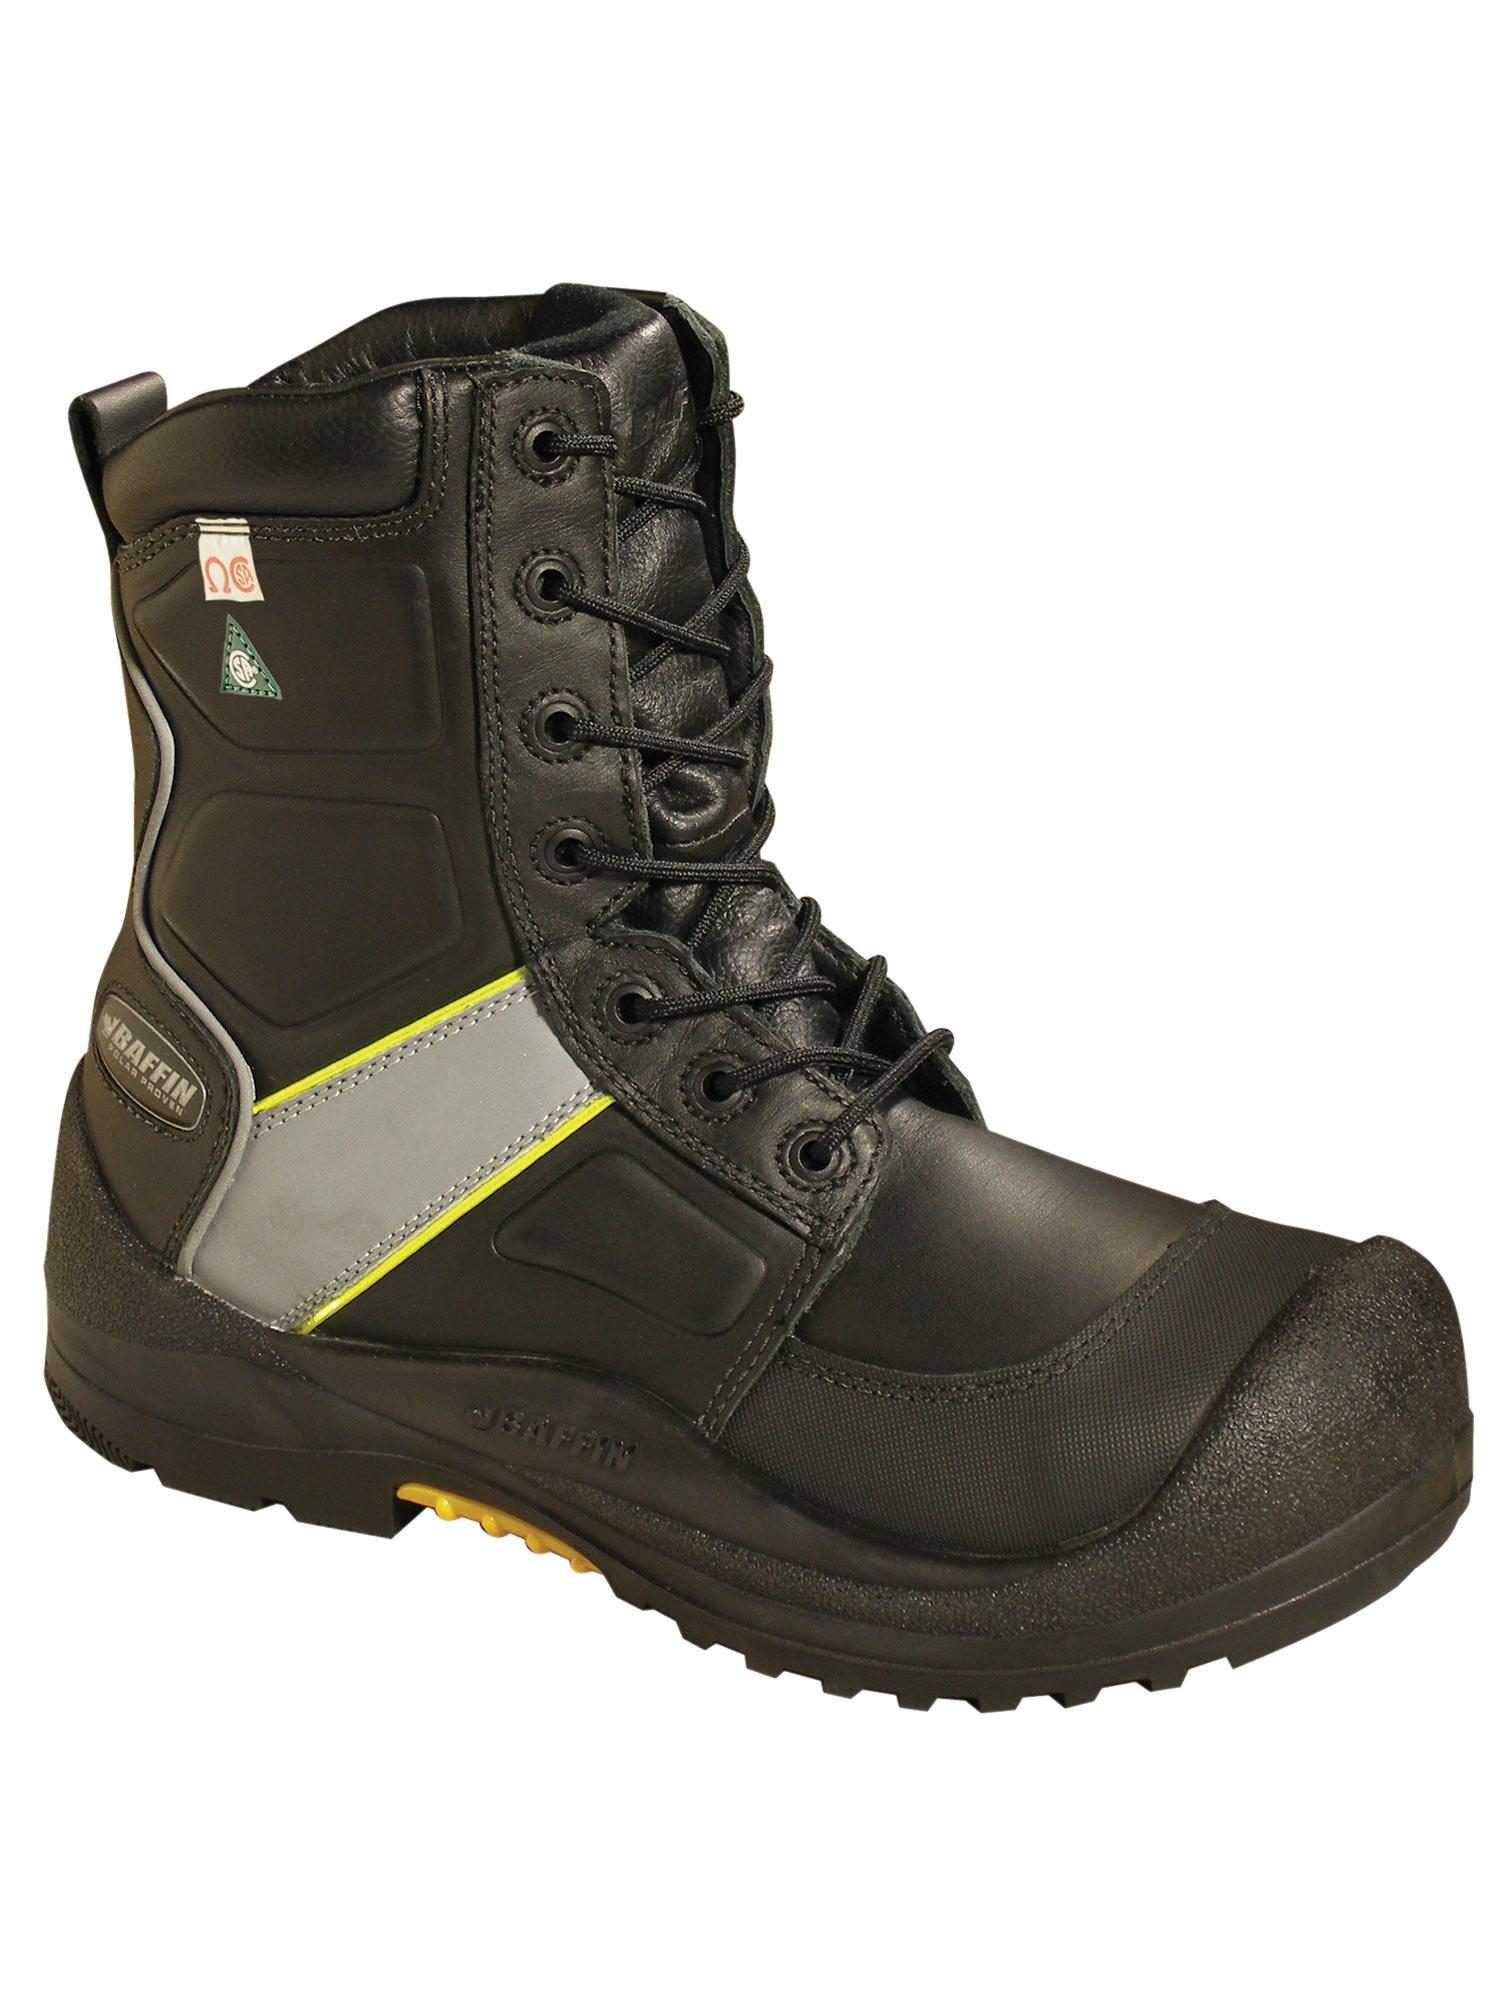 Baffin Premium Worker Hi Vis Work Boots Irebmp04